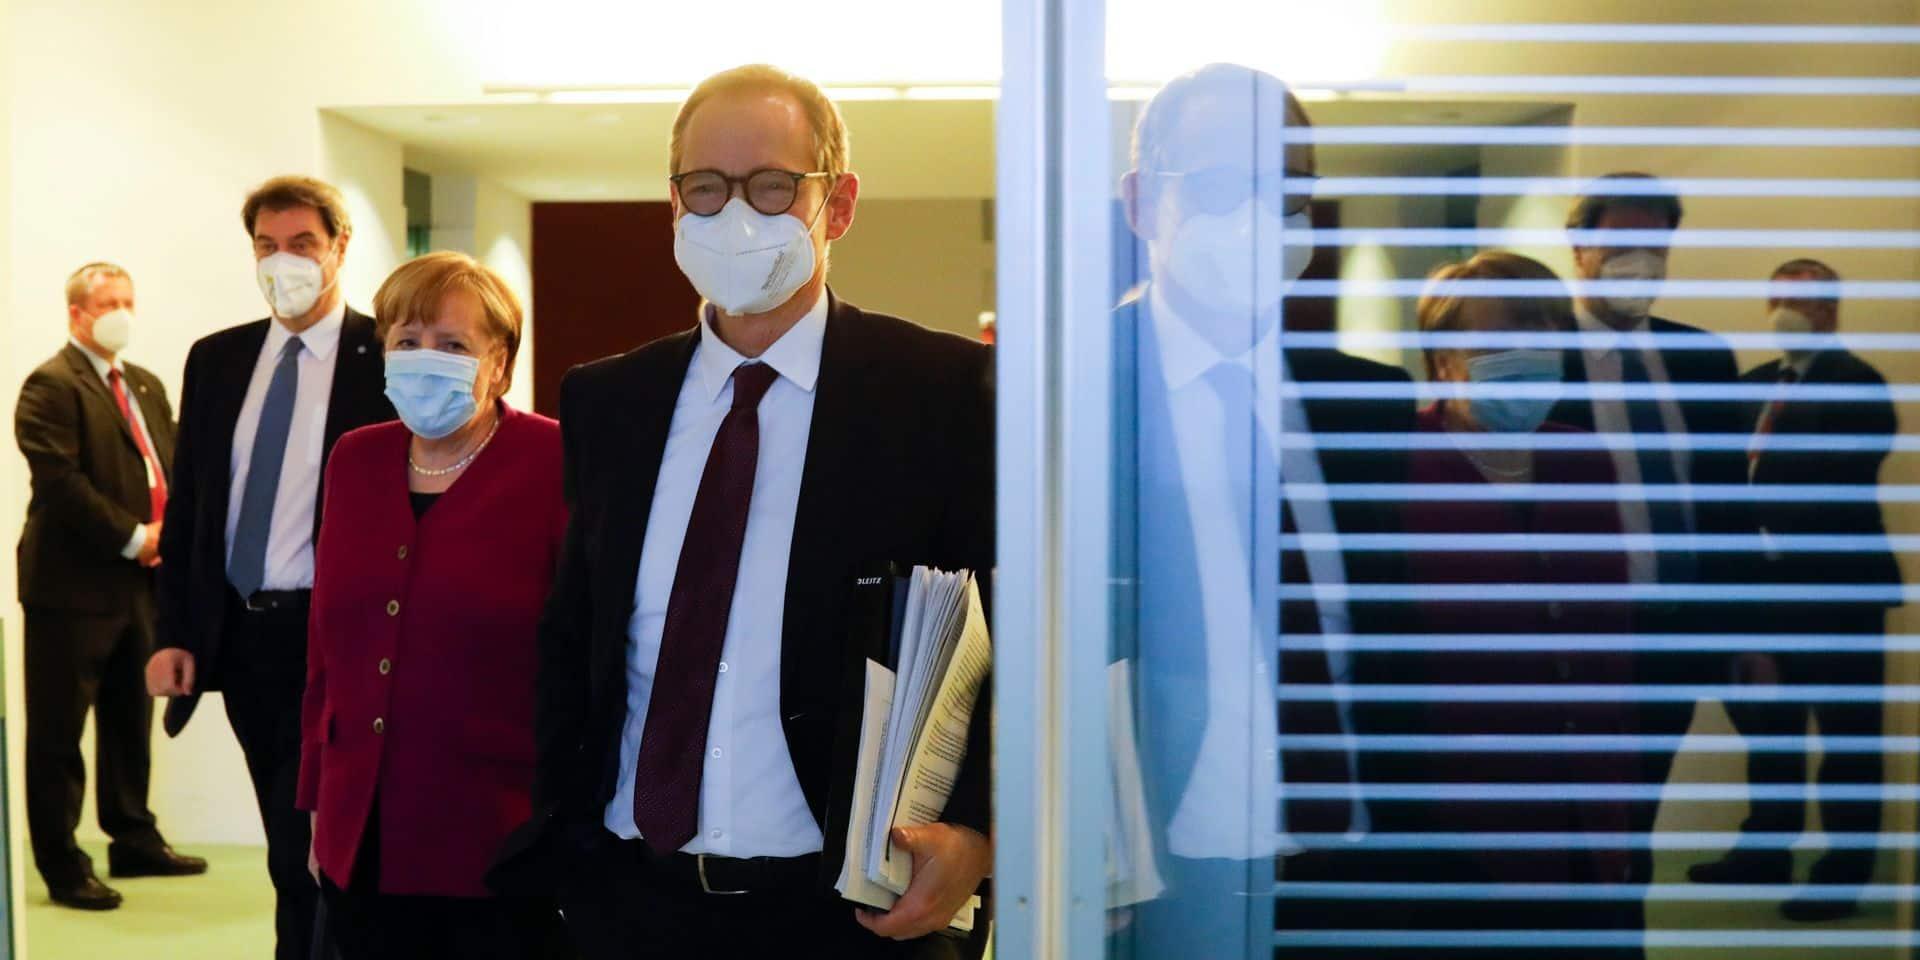 Coronavirus dans le monde : l'OMS enregistre une remontée des cas en Europe après six semaines de déclin